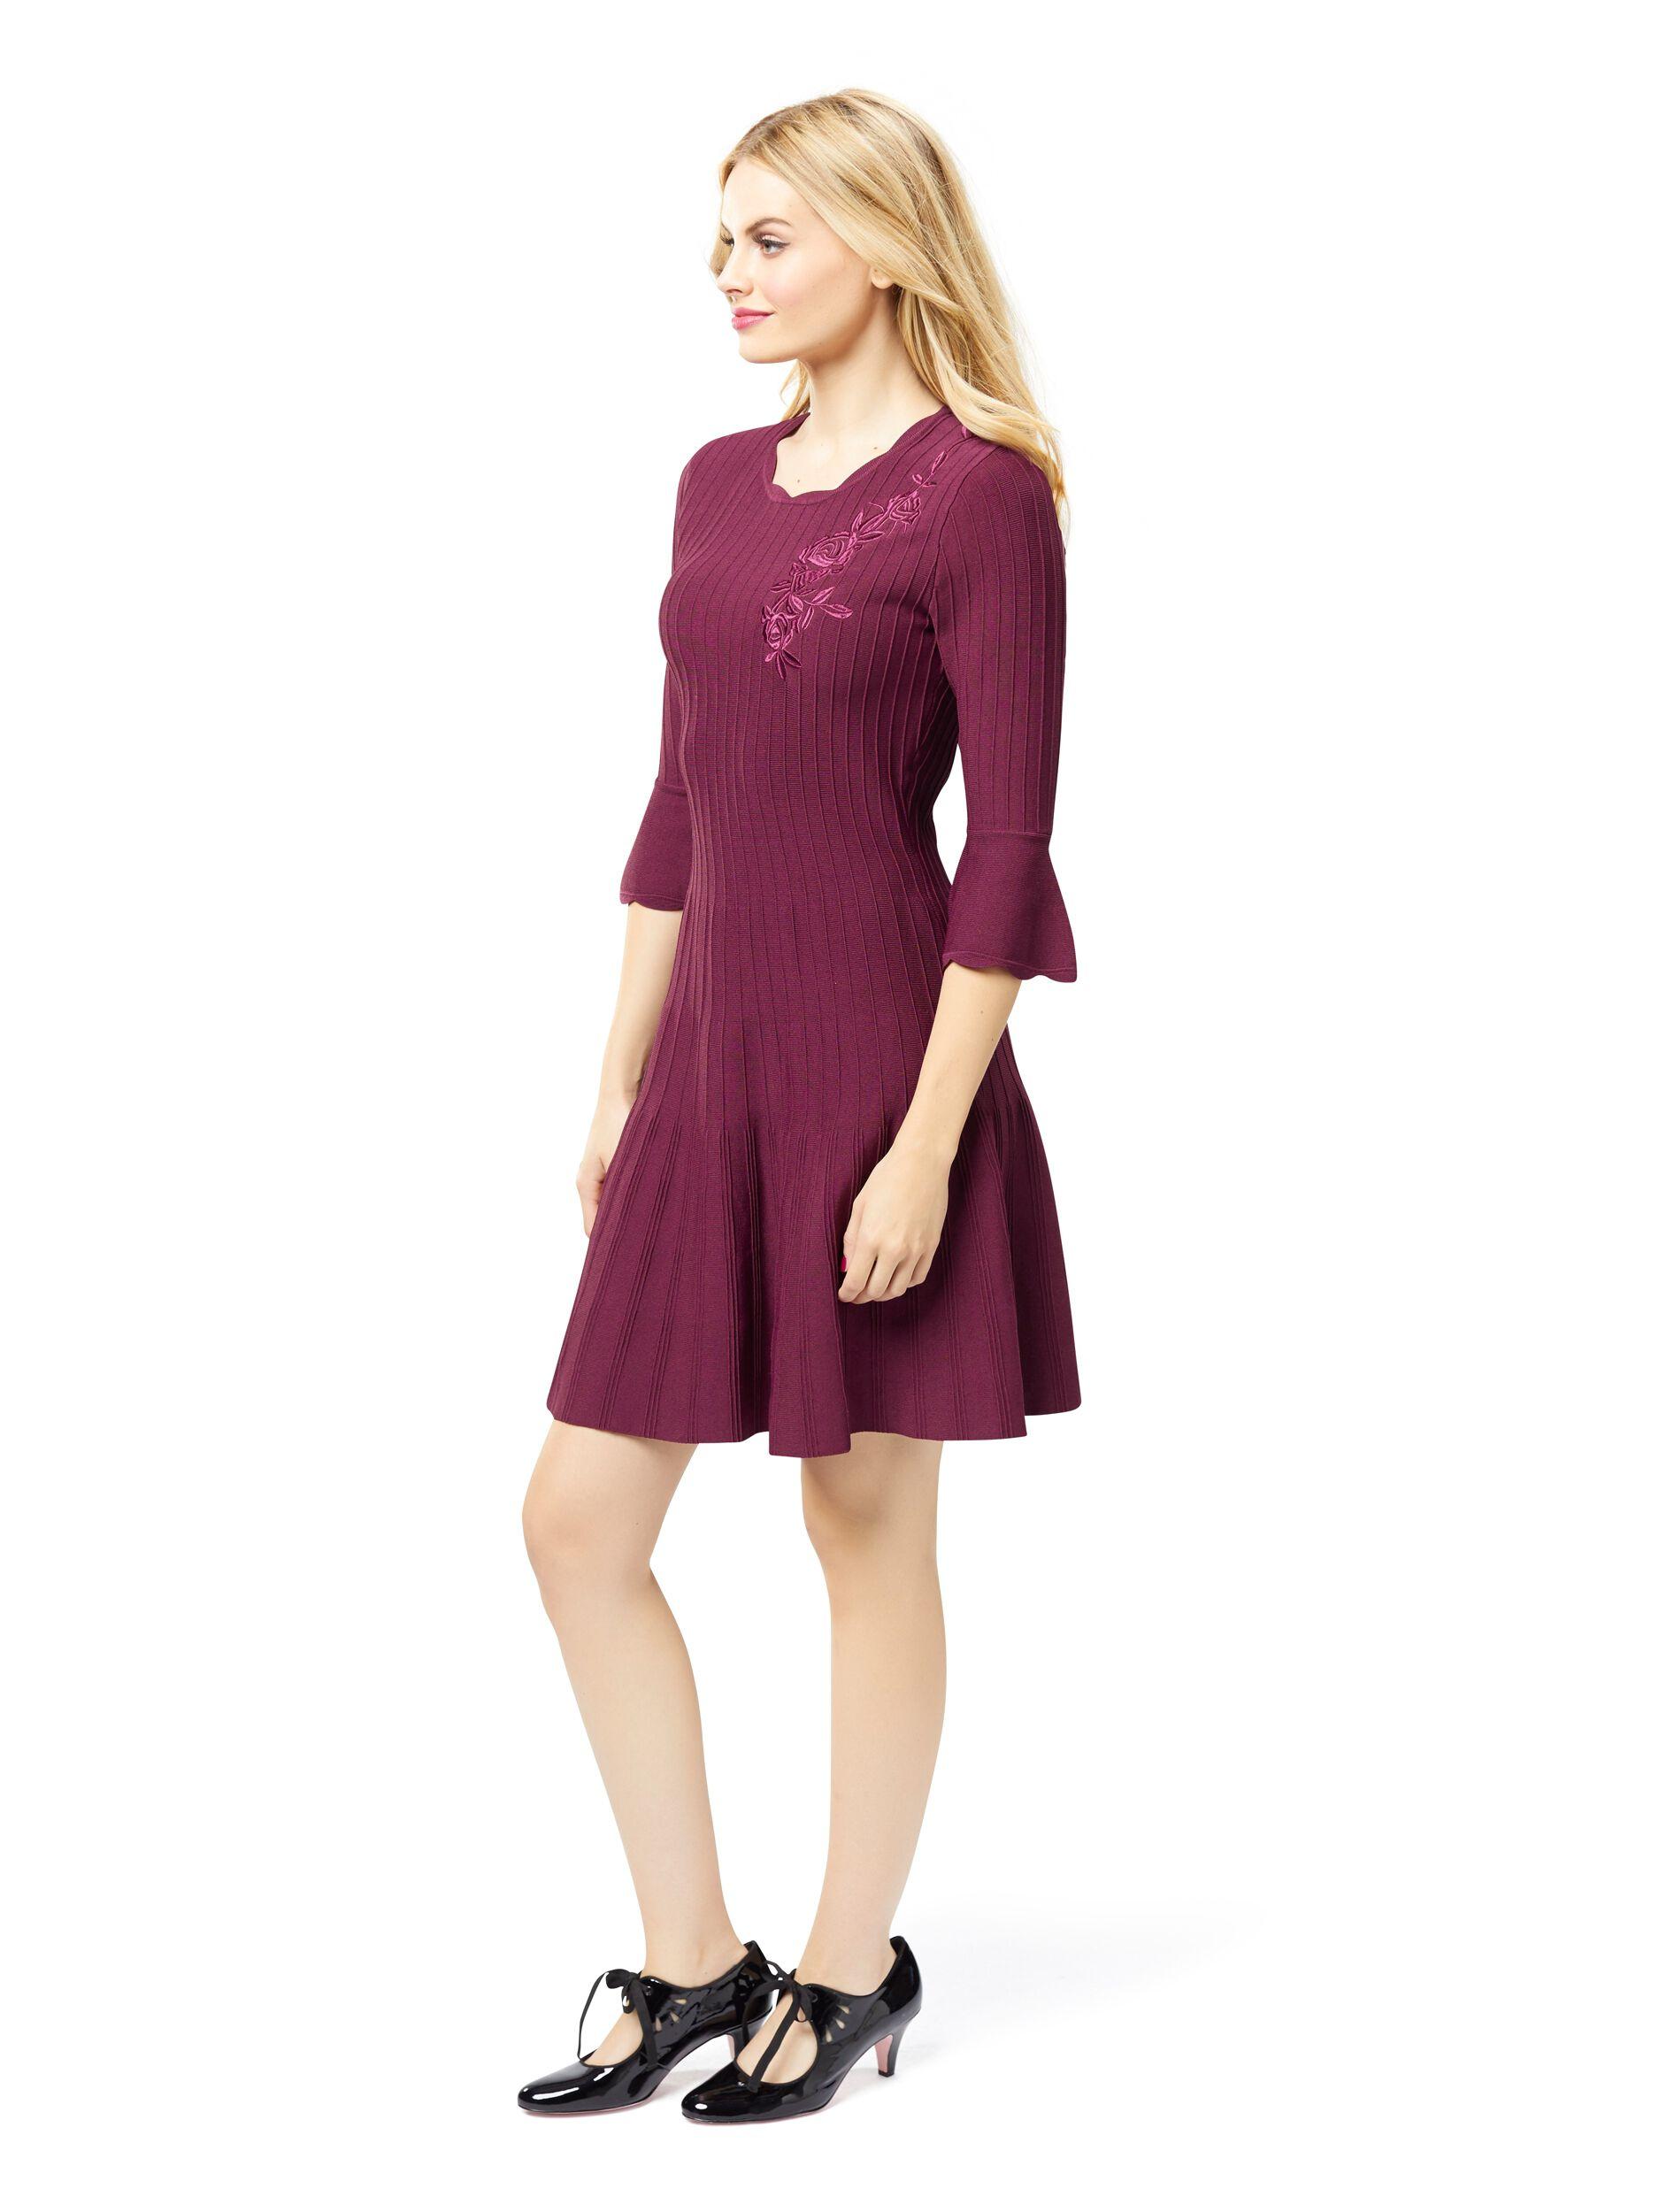 Rosie Posie Dress